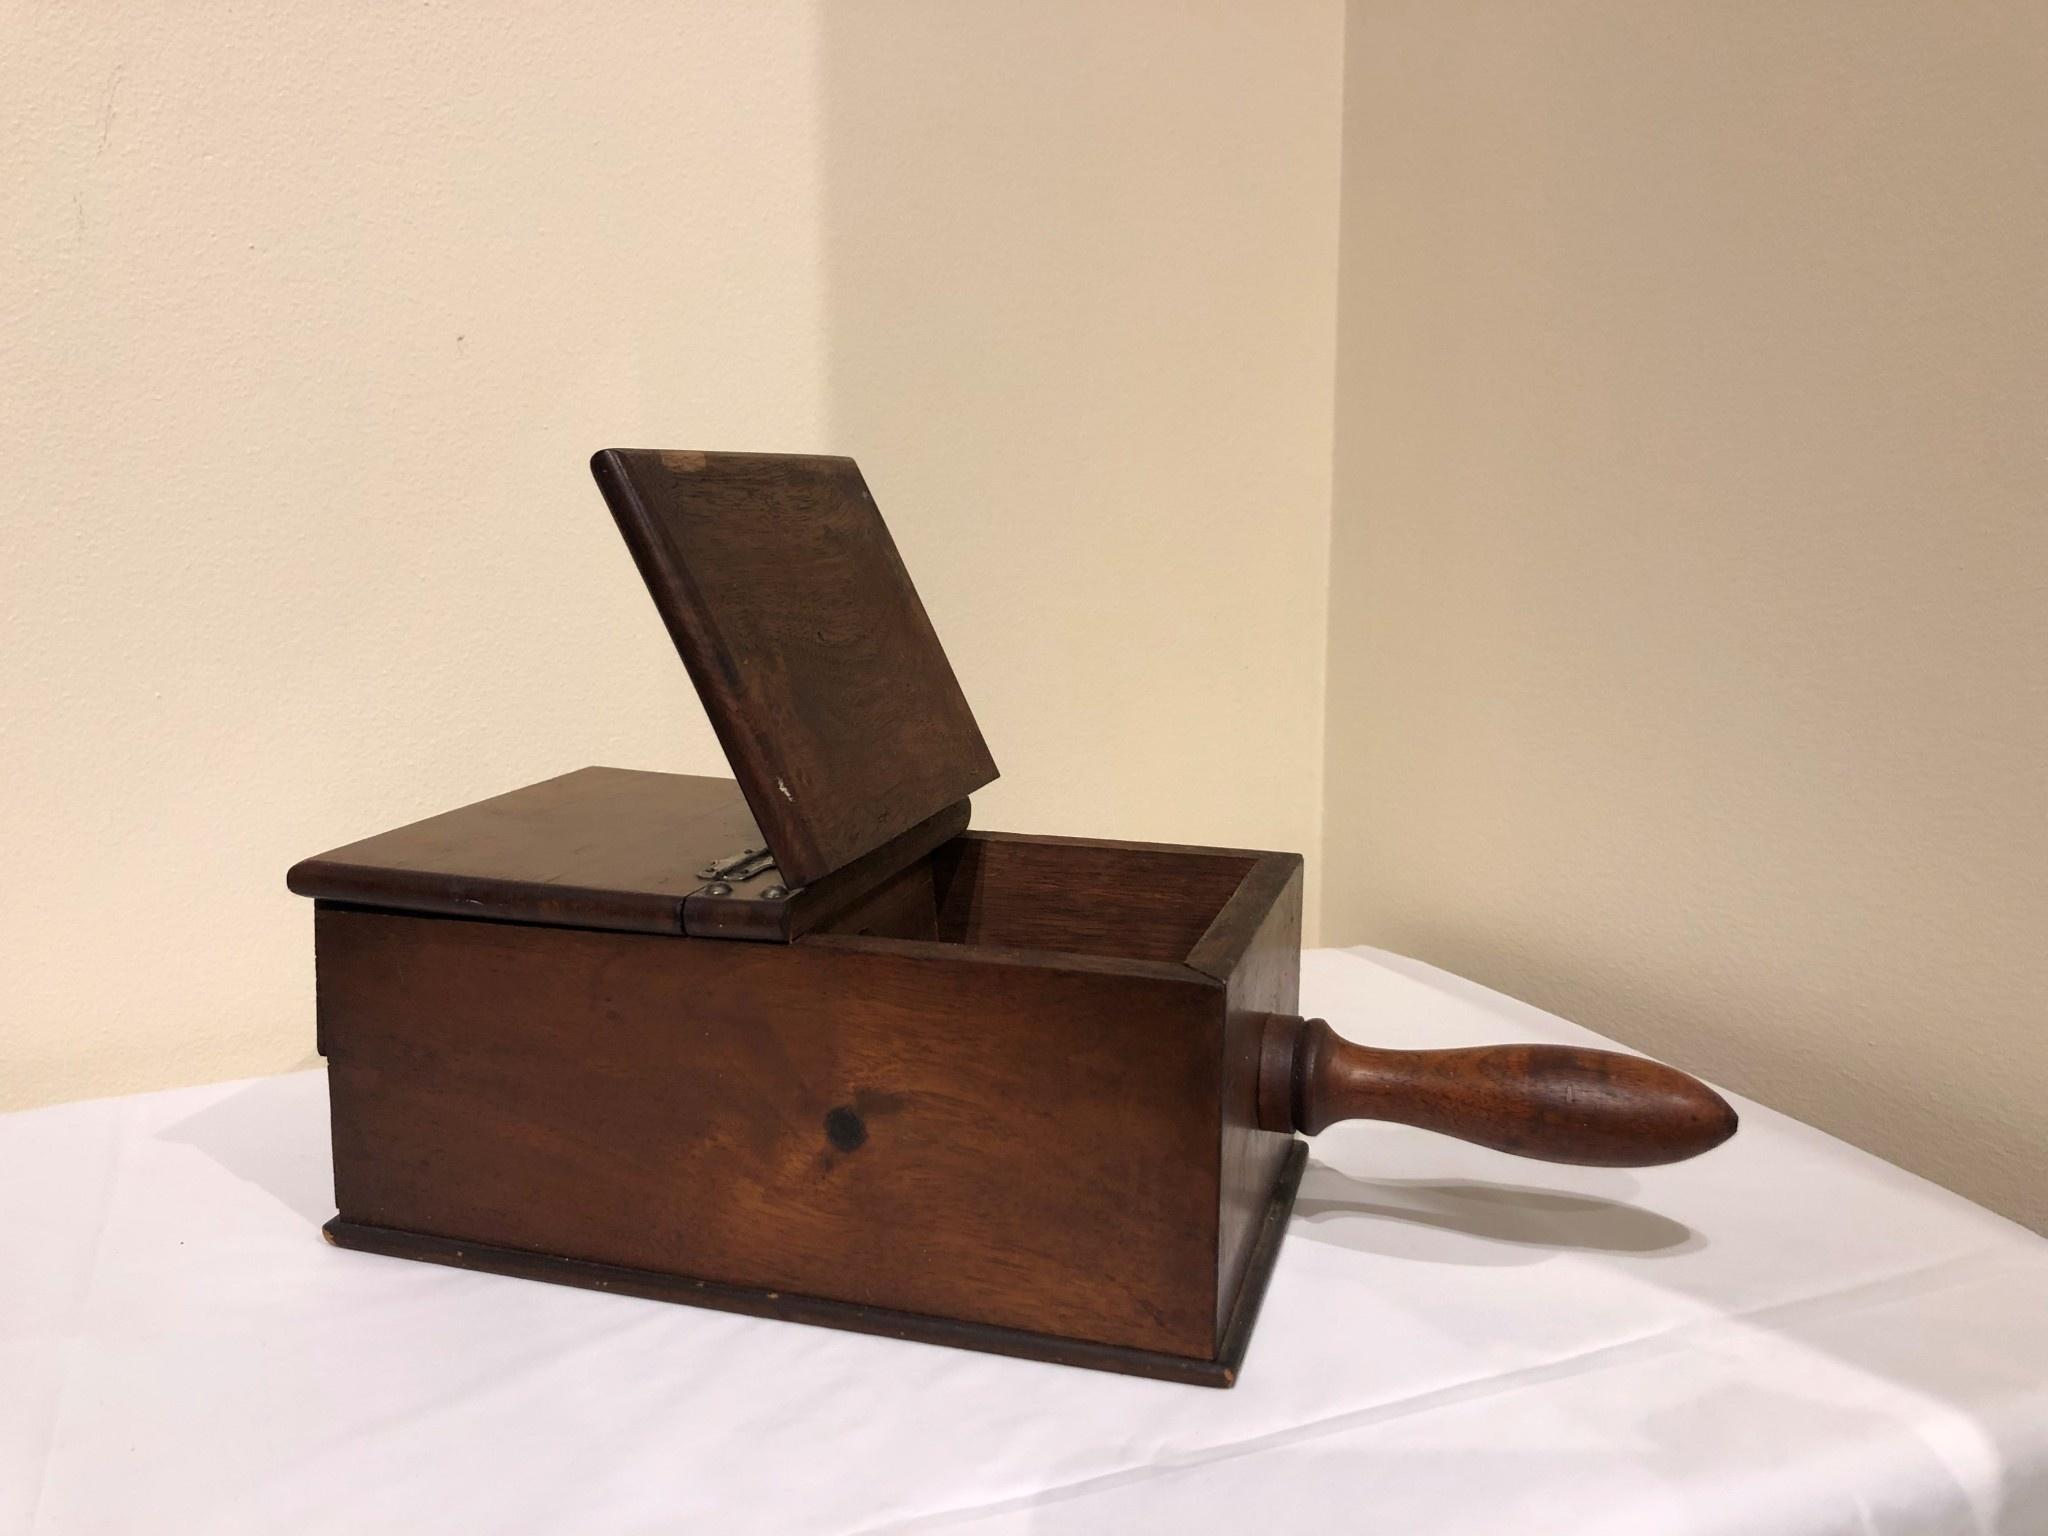 Sisco Bros. Ballot Box